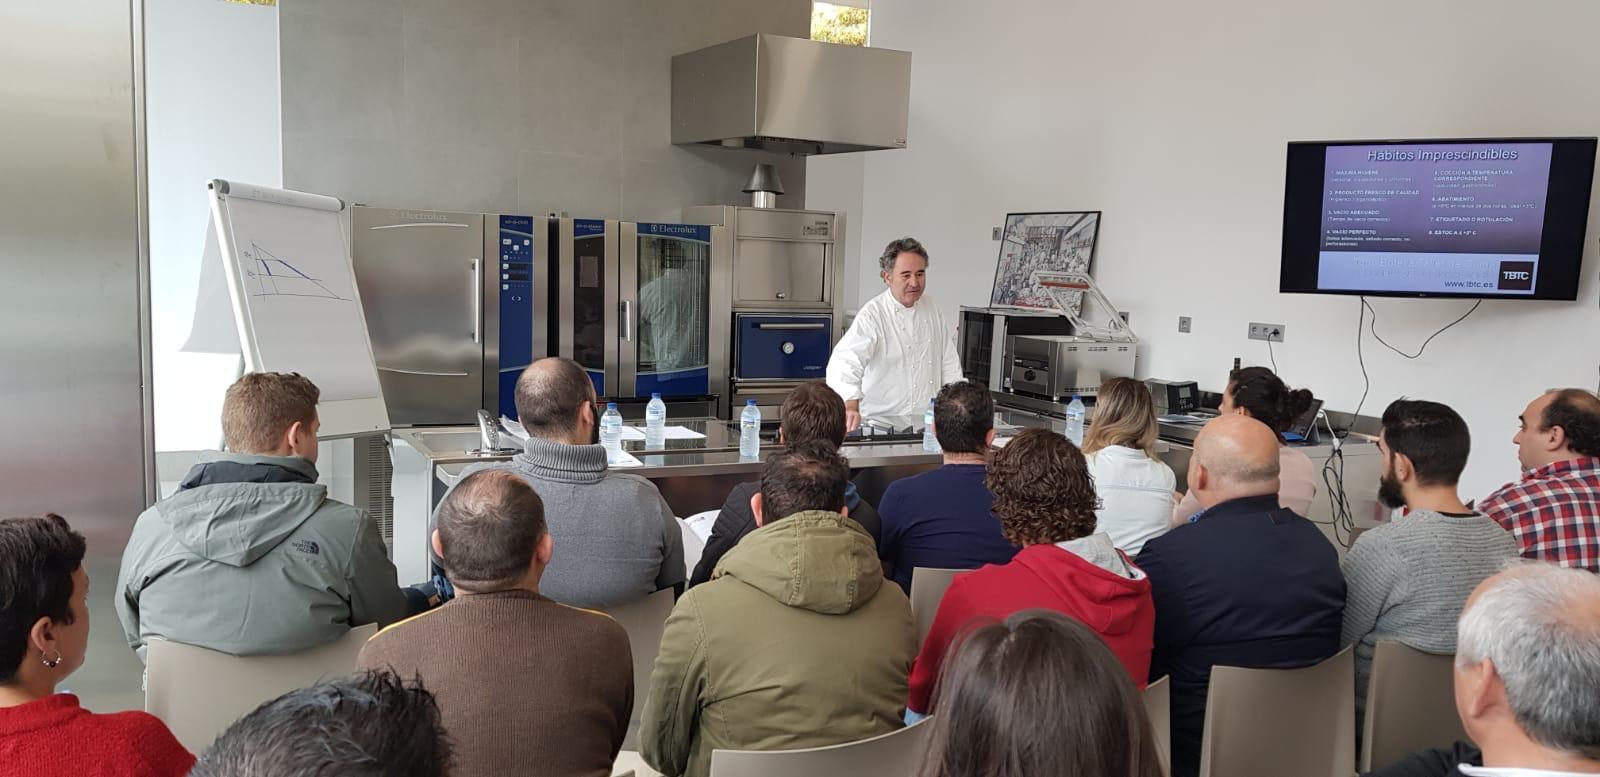 Tony Botella cocina al vacío en Granada